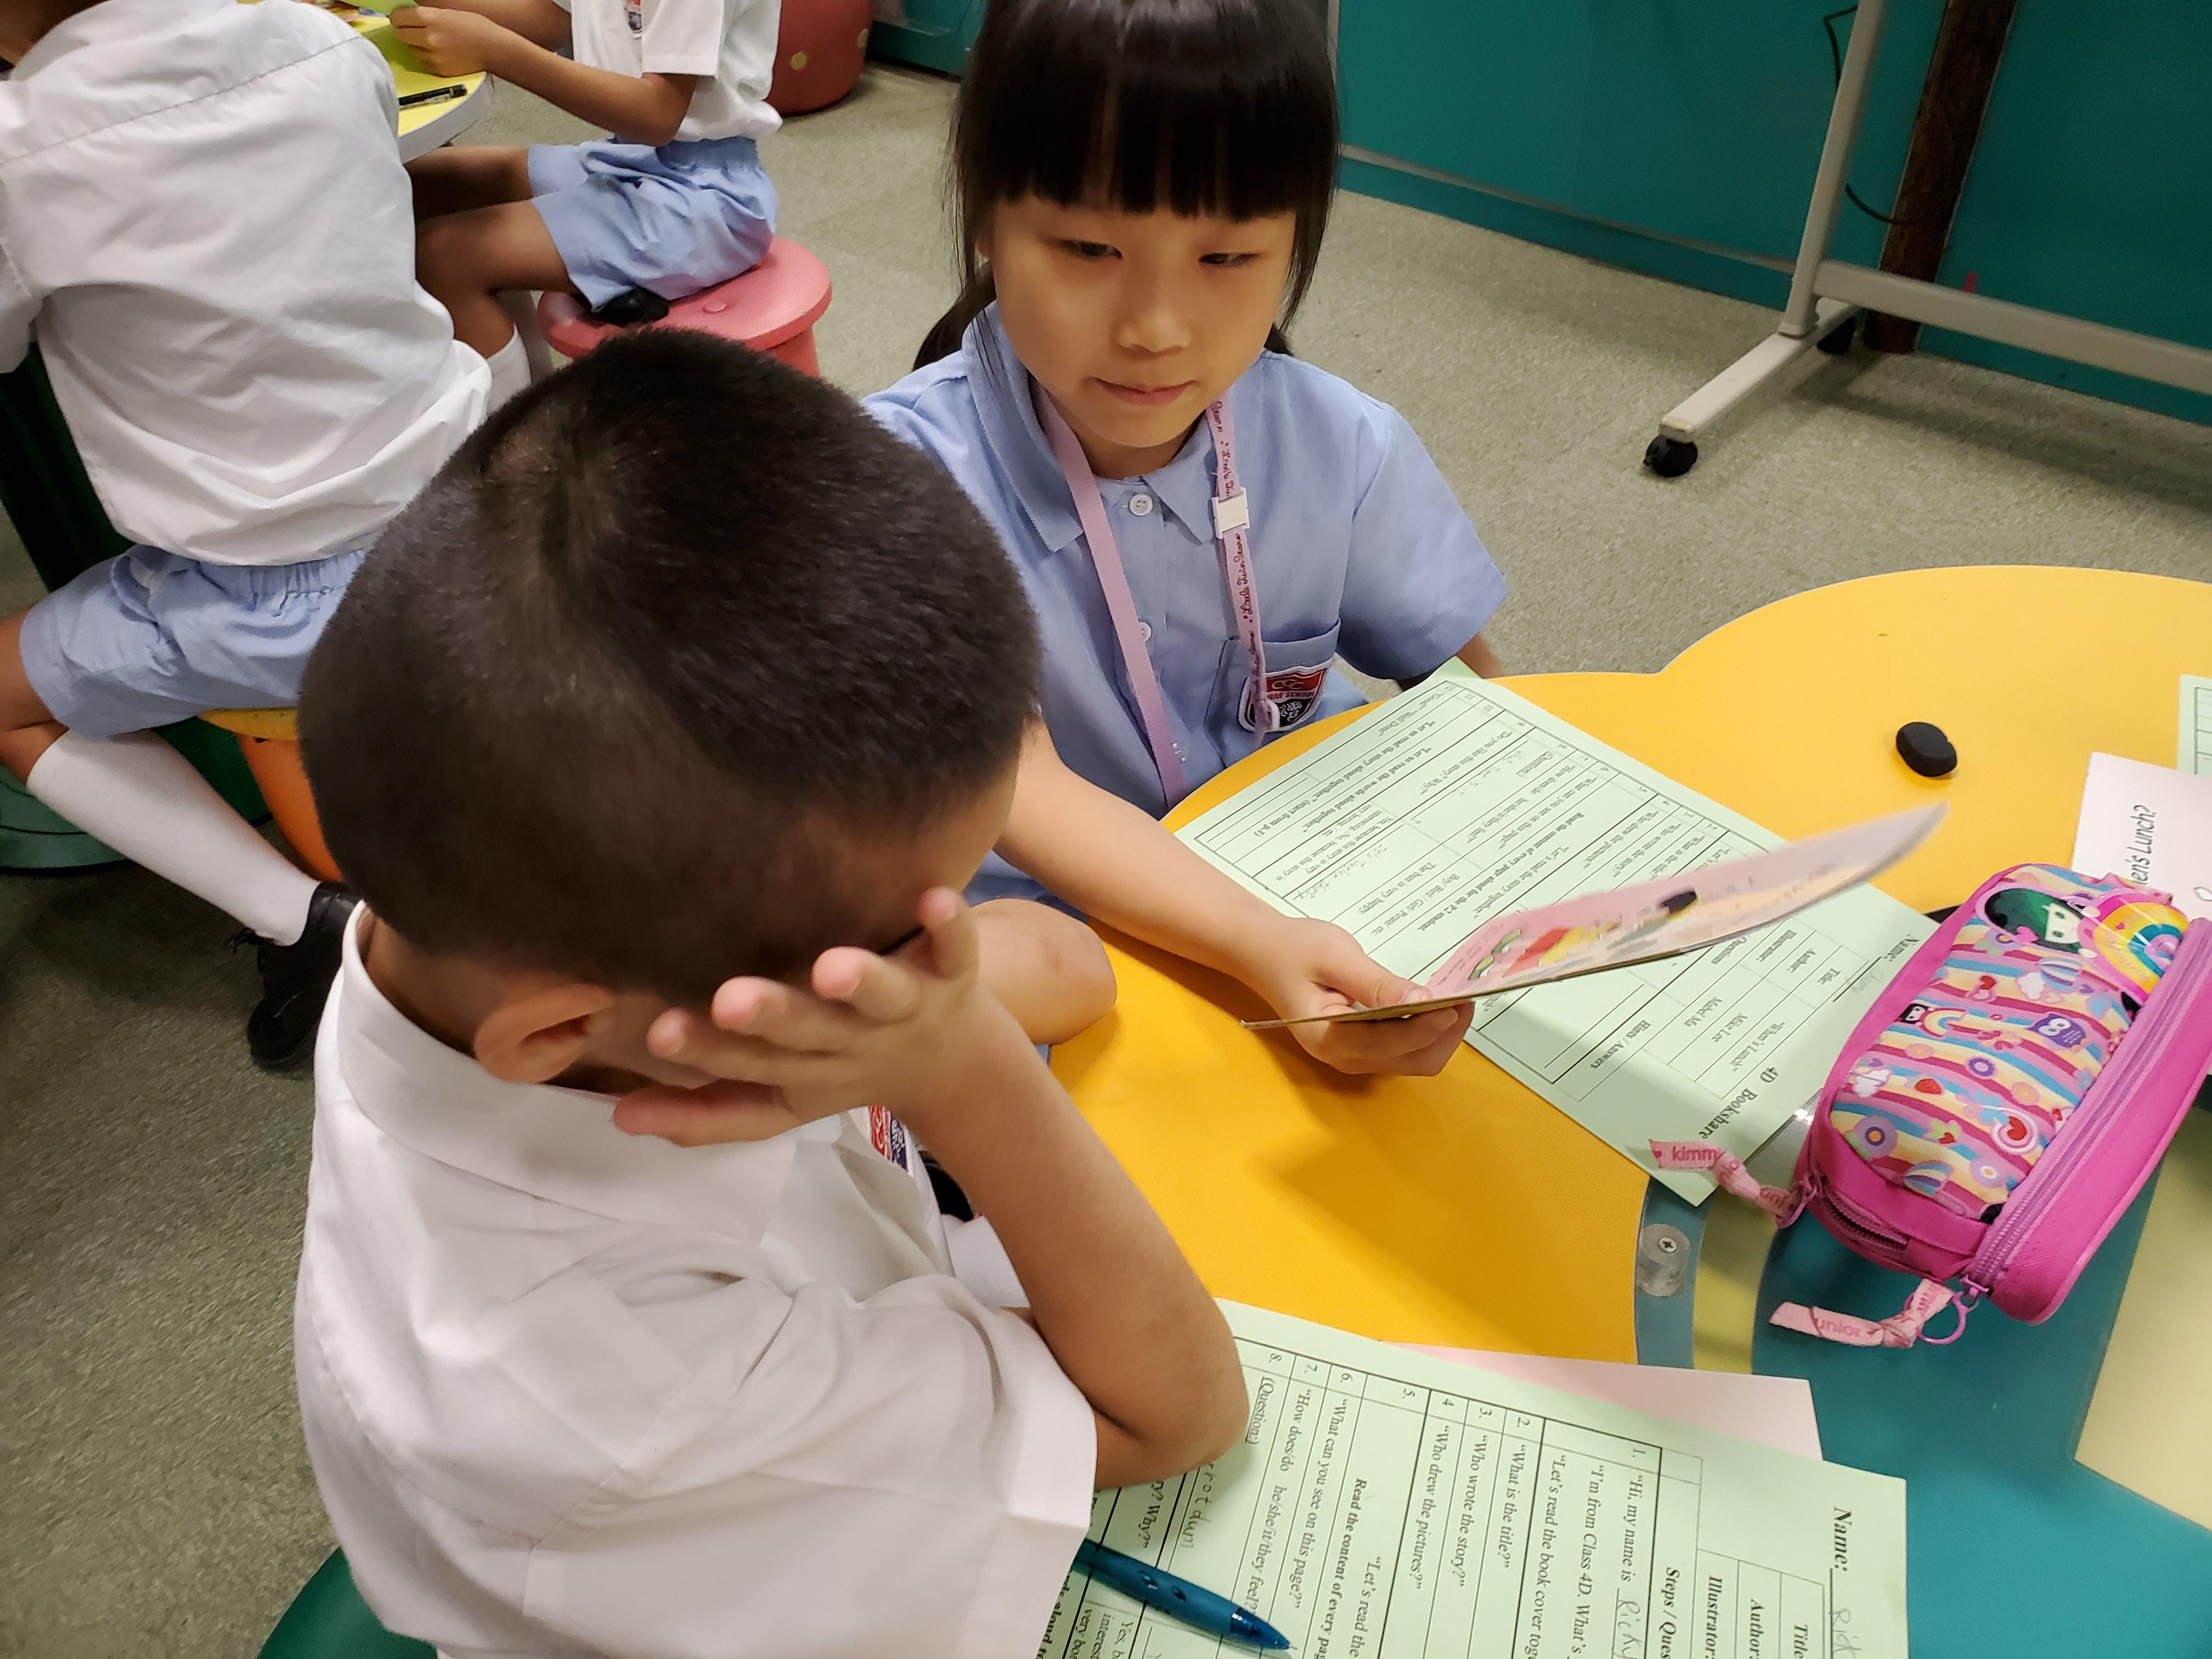 http://www.keiwan.edu.hk/sites/default/files/20191008_101747.jpg